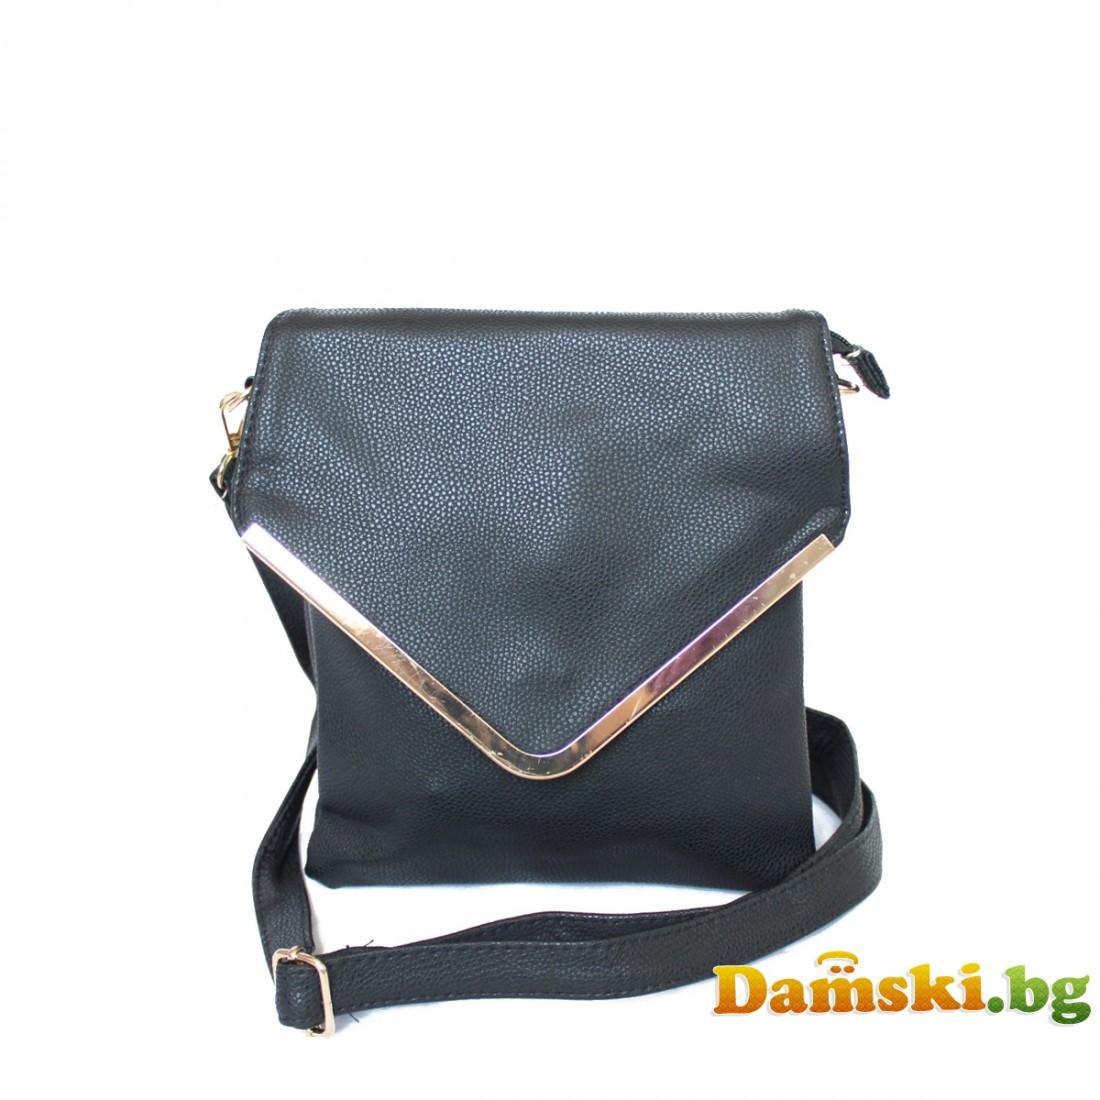 Дамски чанти през рамо Теди - черна